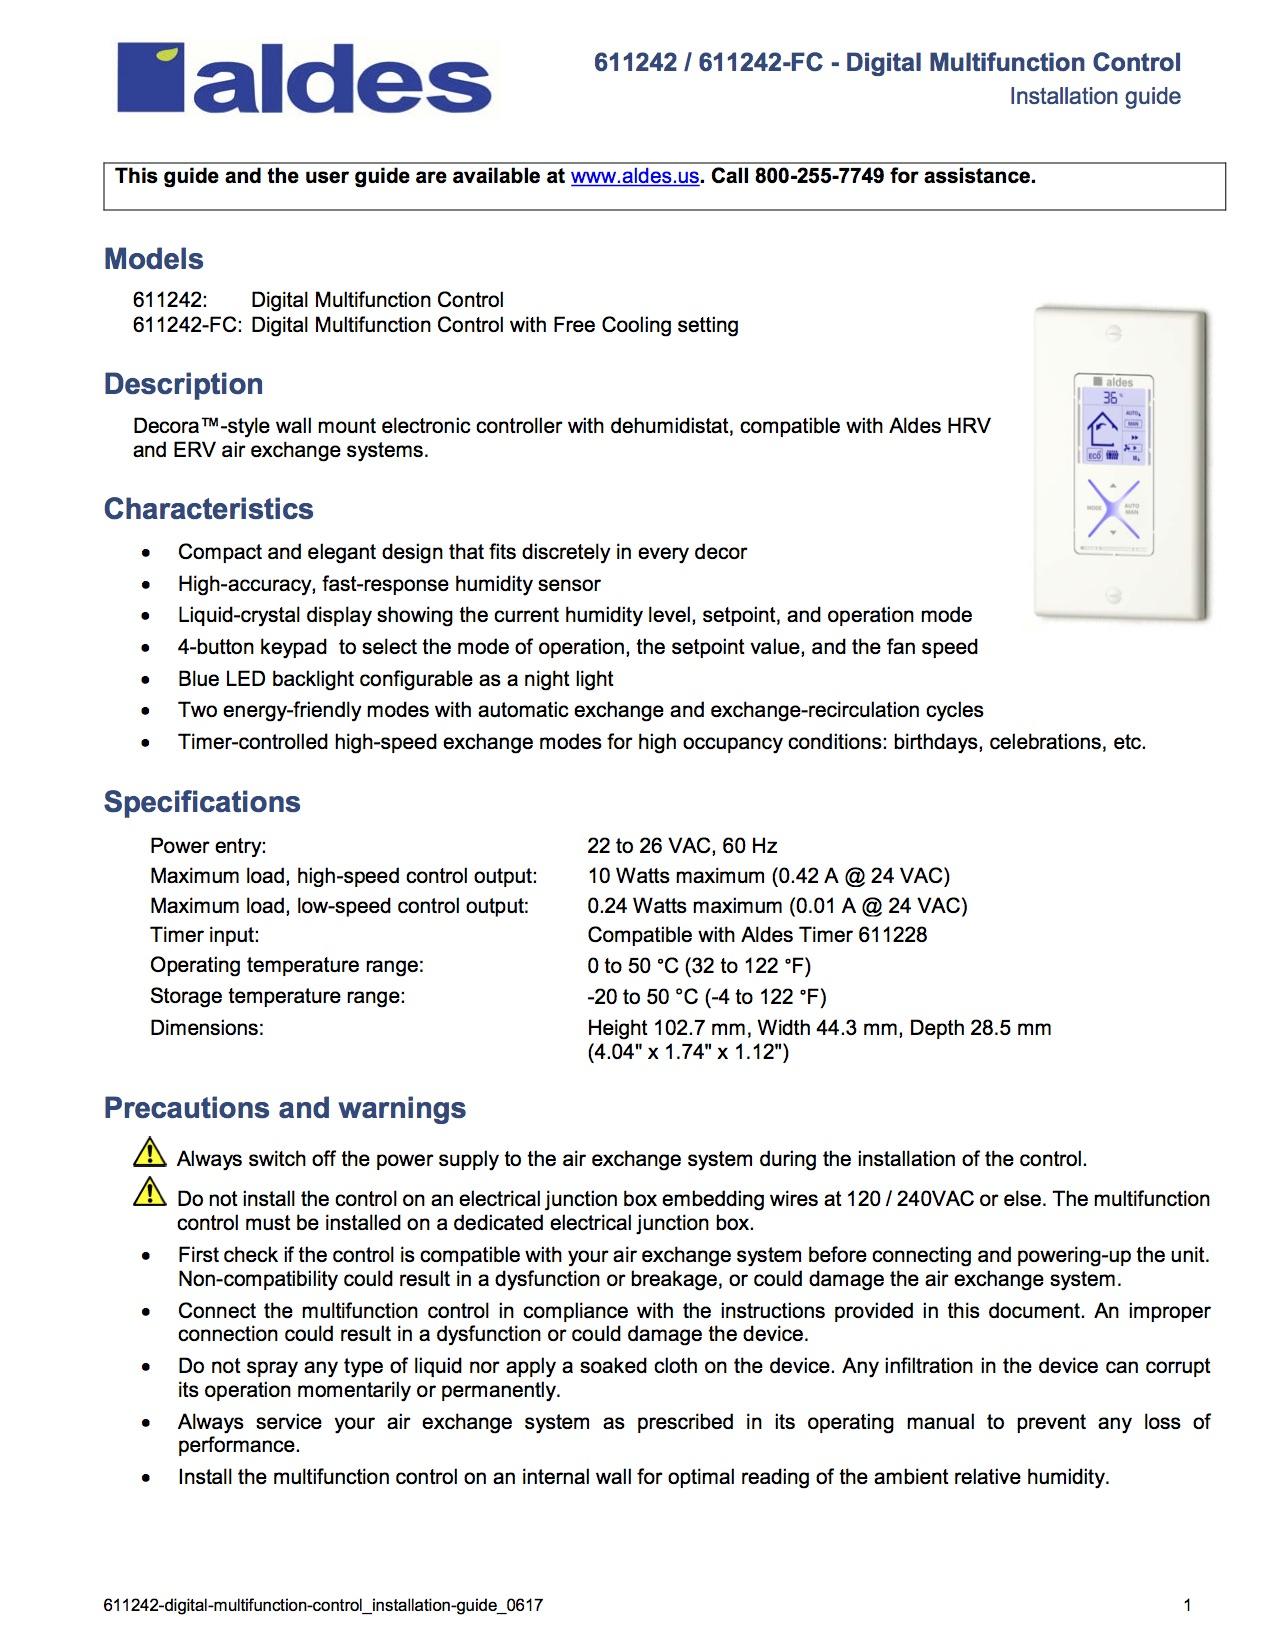 Models Description Characteristics Specifications Precautions And